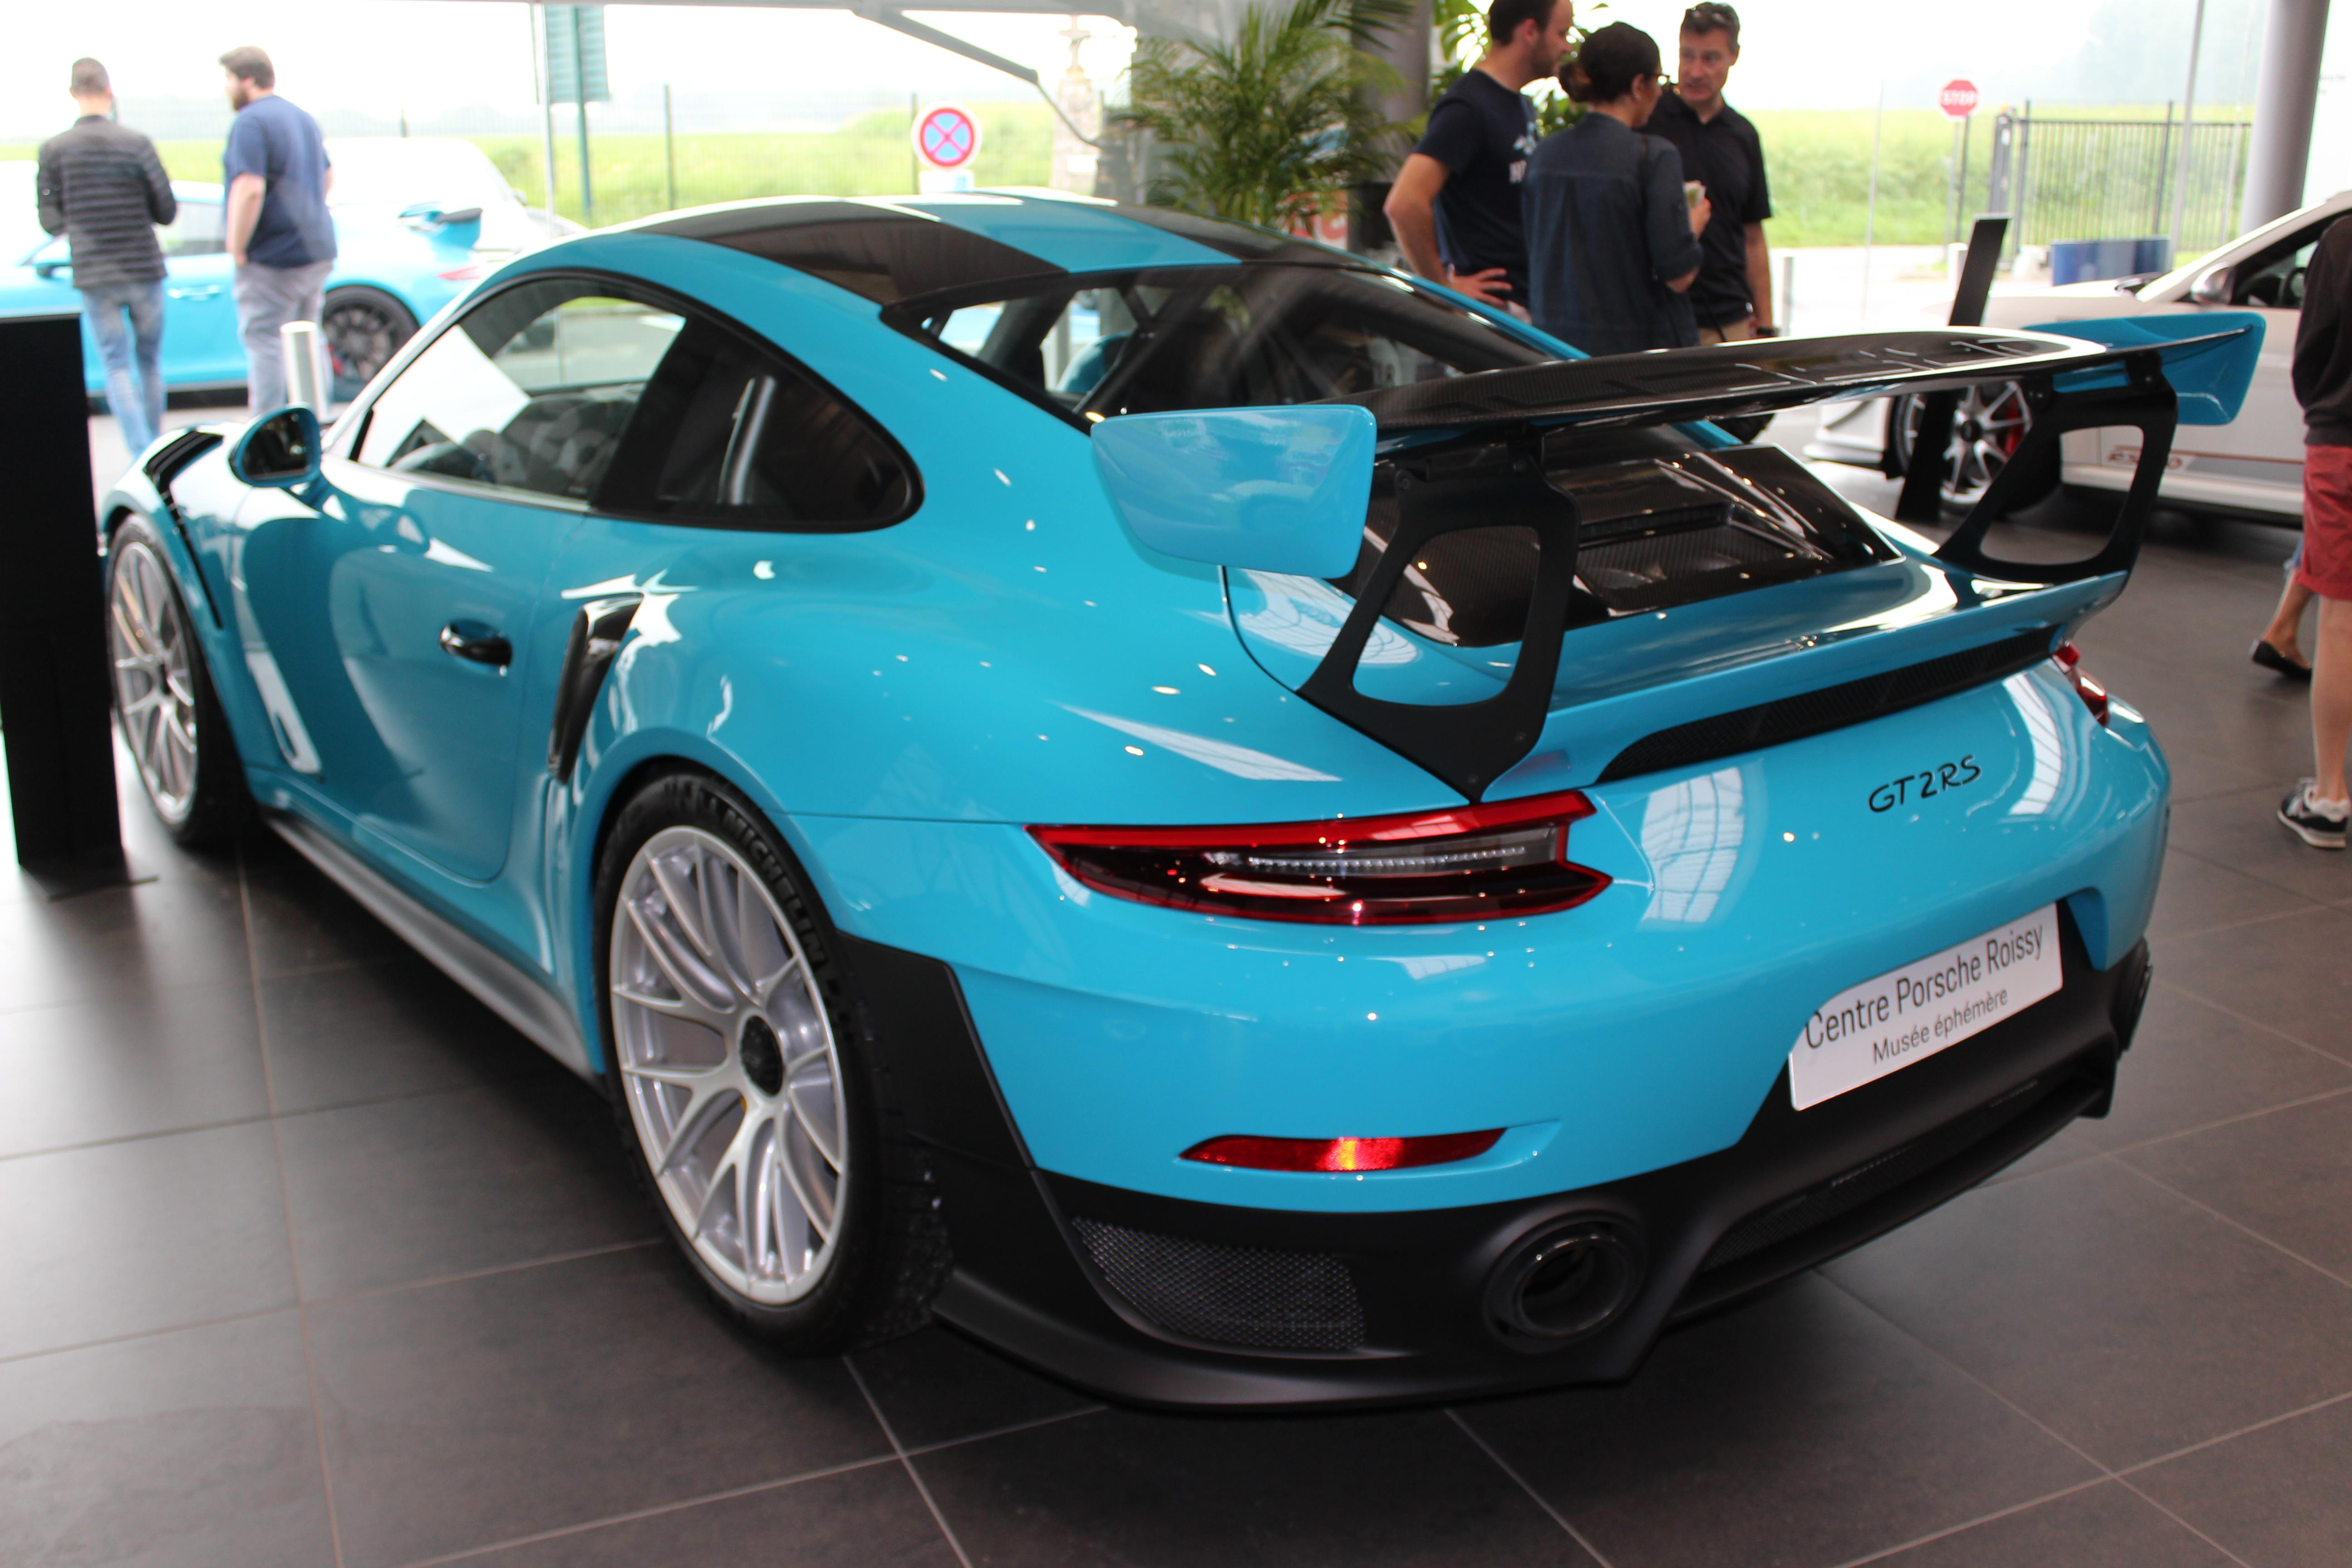 70 Ans Centre Porsche ROISSY Sonauto Img_6622